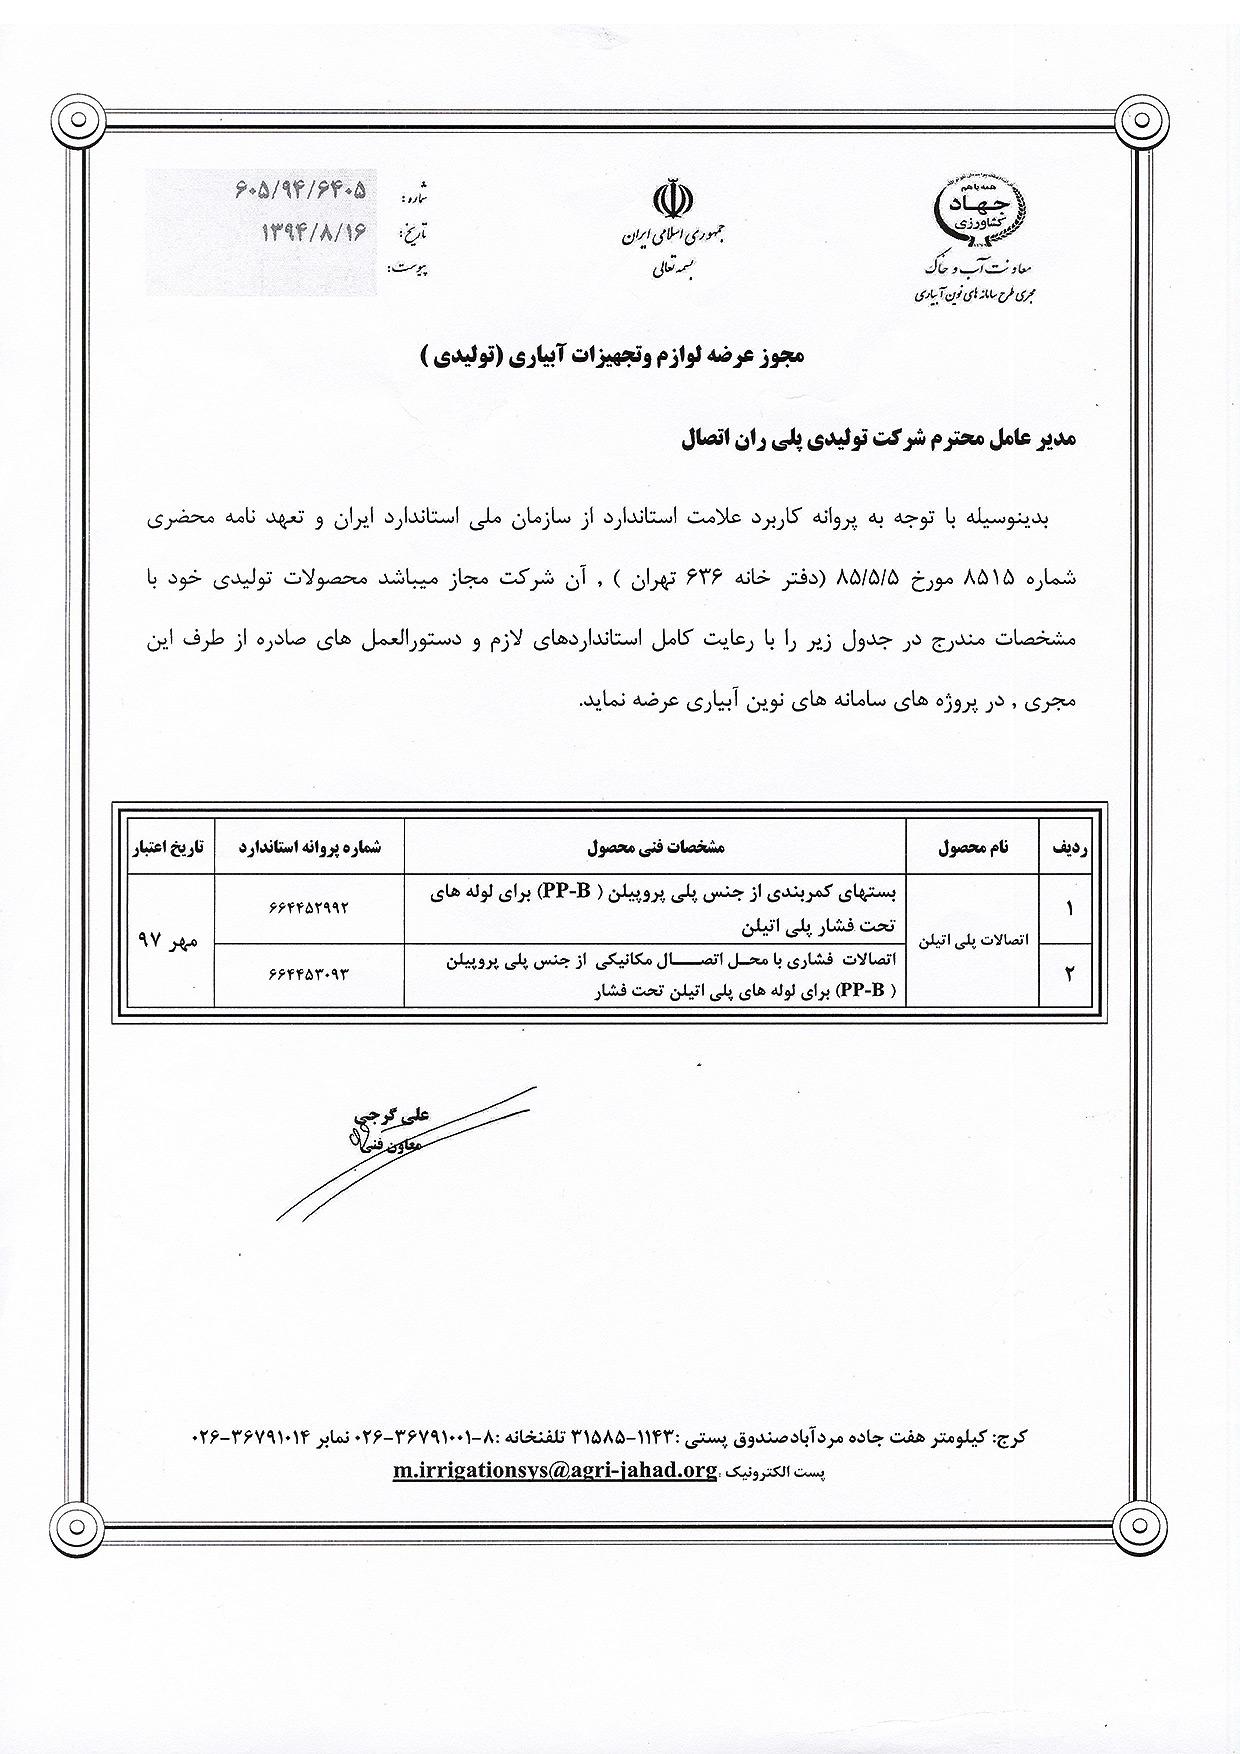 مجوز عرضه لوازم و تجهیزات  آبیاری(تولیدی)